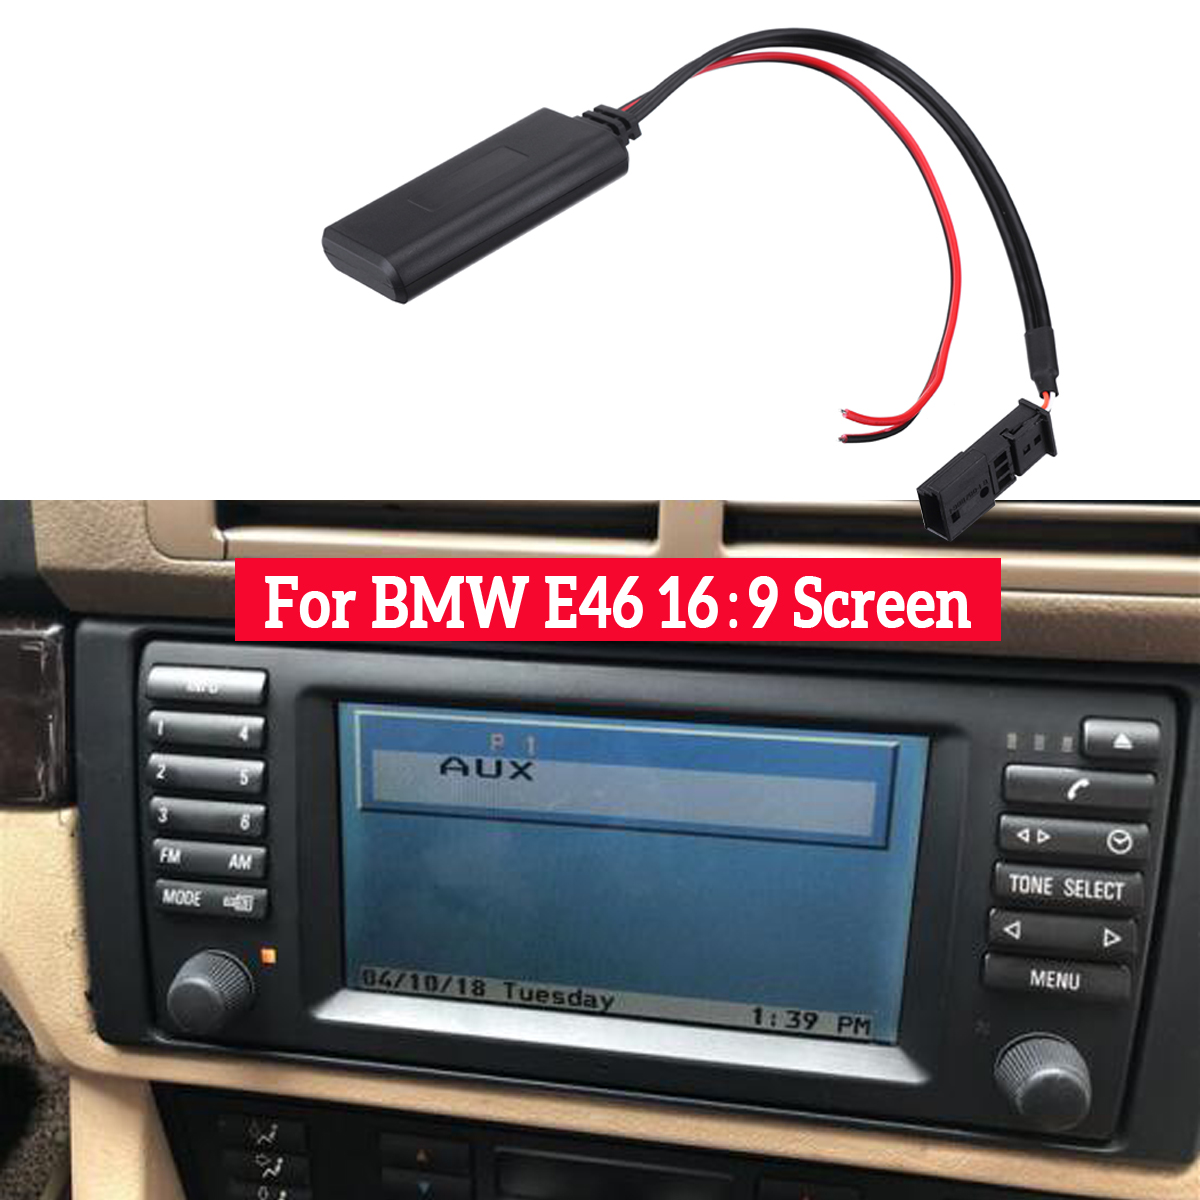 Автомобильный bluetooth модуль AUX в аудио Радио адаптер 3-контактный для BMW BM54 E39 E46 E38 E53 X5 Автомобильная электроника Аксессуары